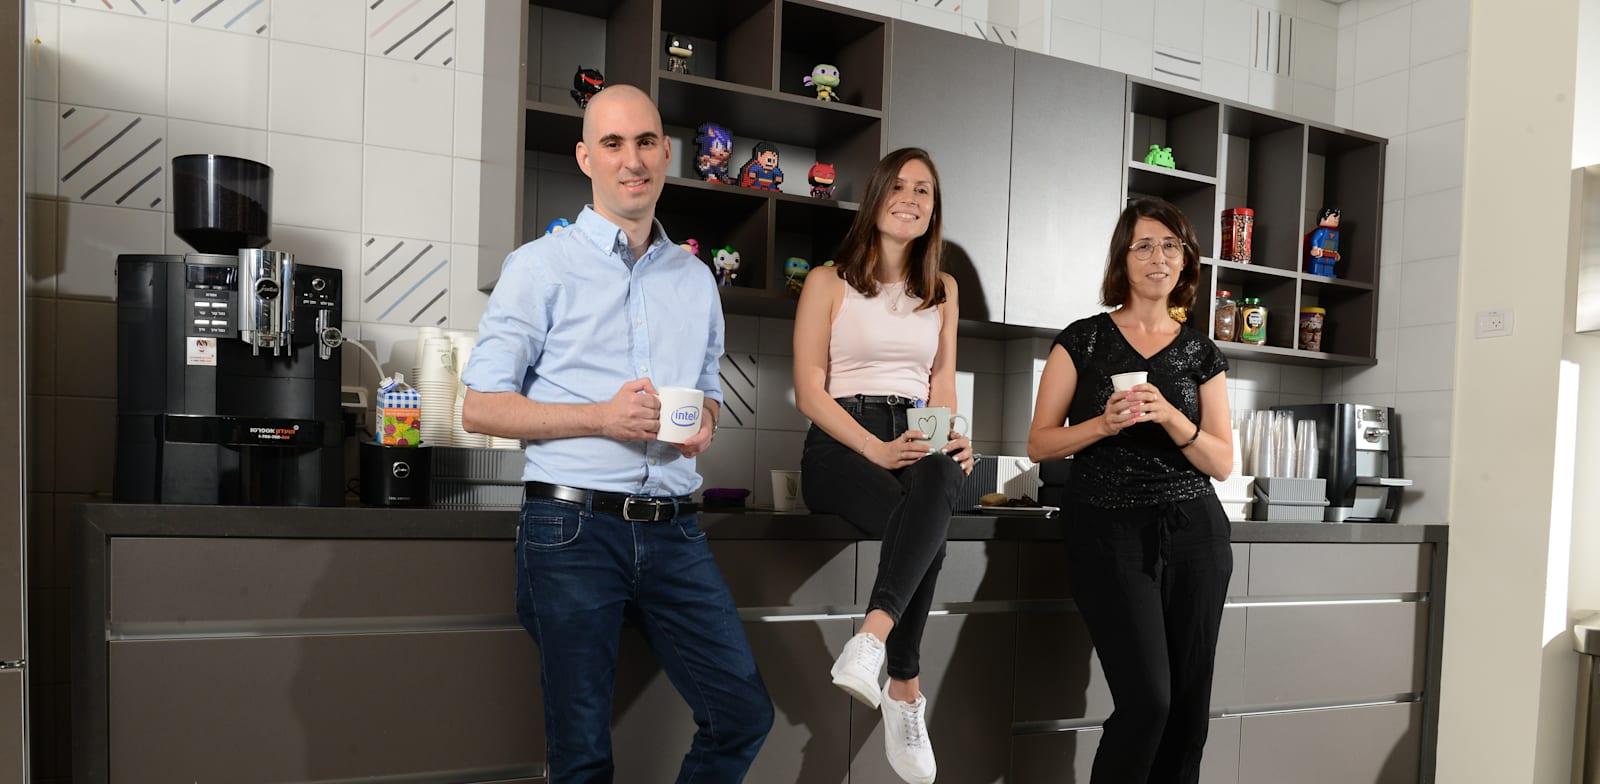 מימין: דפנה חנם, אליאור יעקובי, שלומי ויטורי. במטבחון אינטל / צילום: איל יצהר